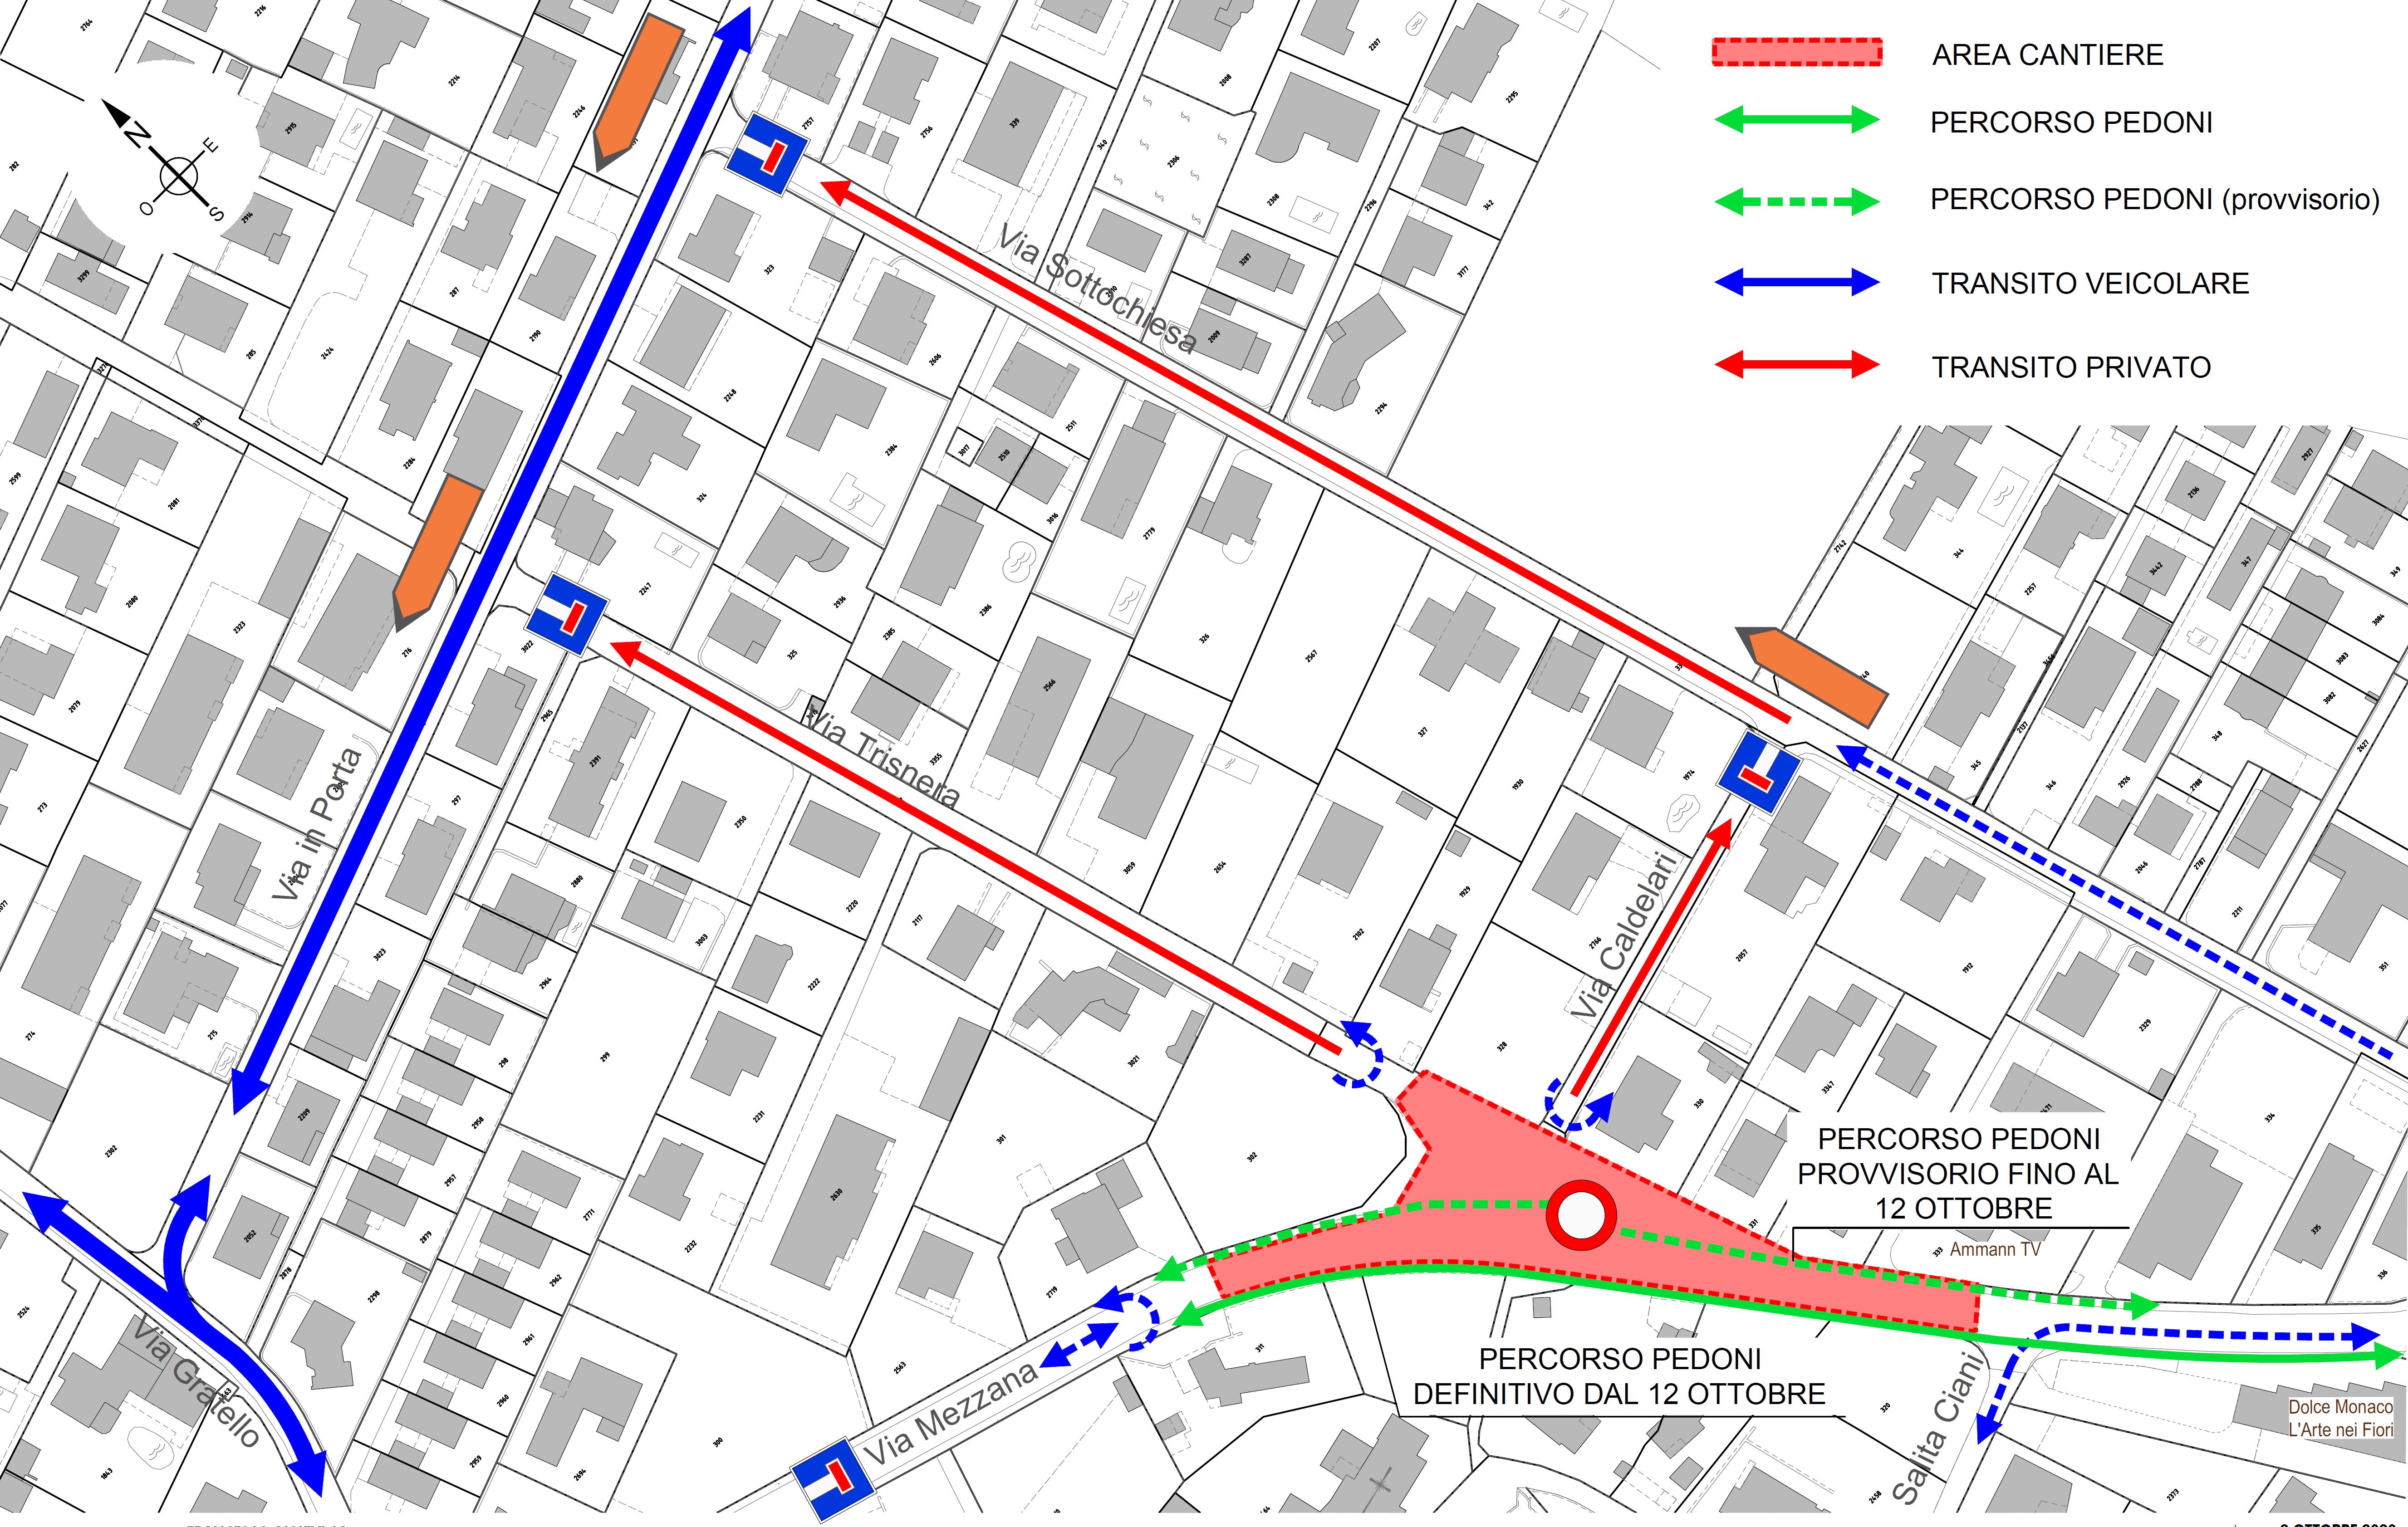 La mappa del cantiere in Via Mezzana all'incrocio con Via Trisnera e Via Don Caldelari.